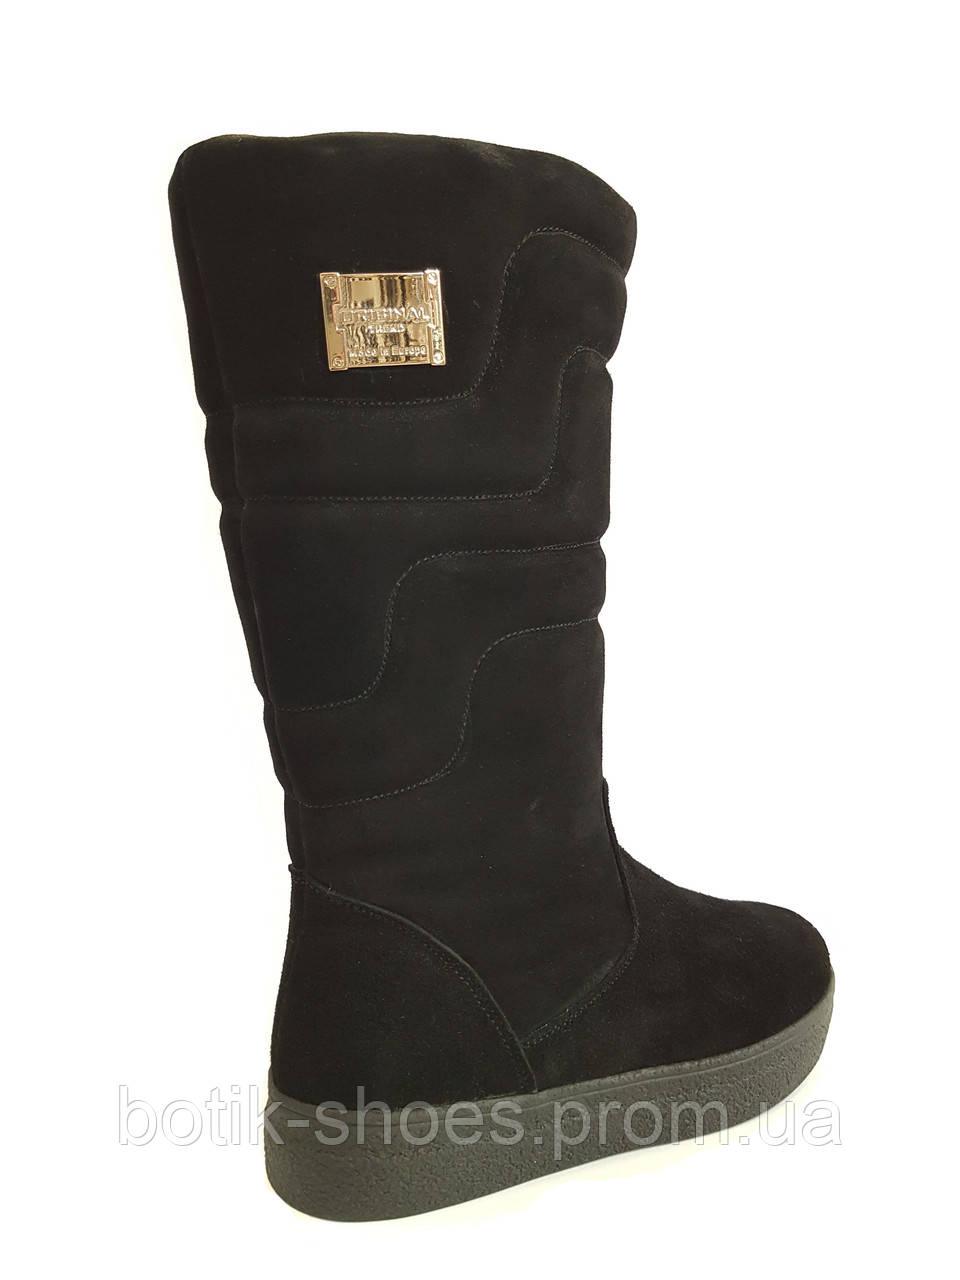 7018272b6 Зимние замшевые сапоги женские черные M.Krafvt 2285, цена 1 402,50  грн./пара, купить Комсомольск — Prom.ua (ID#601176566)